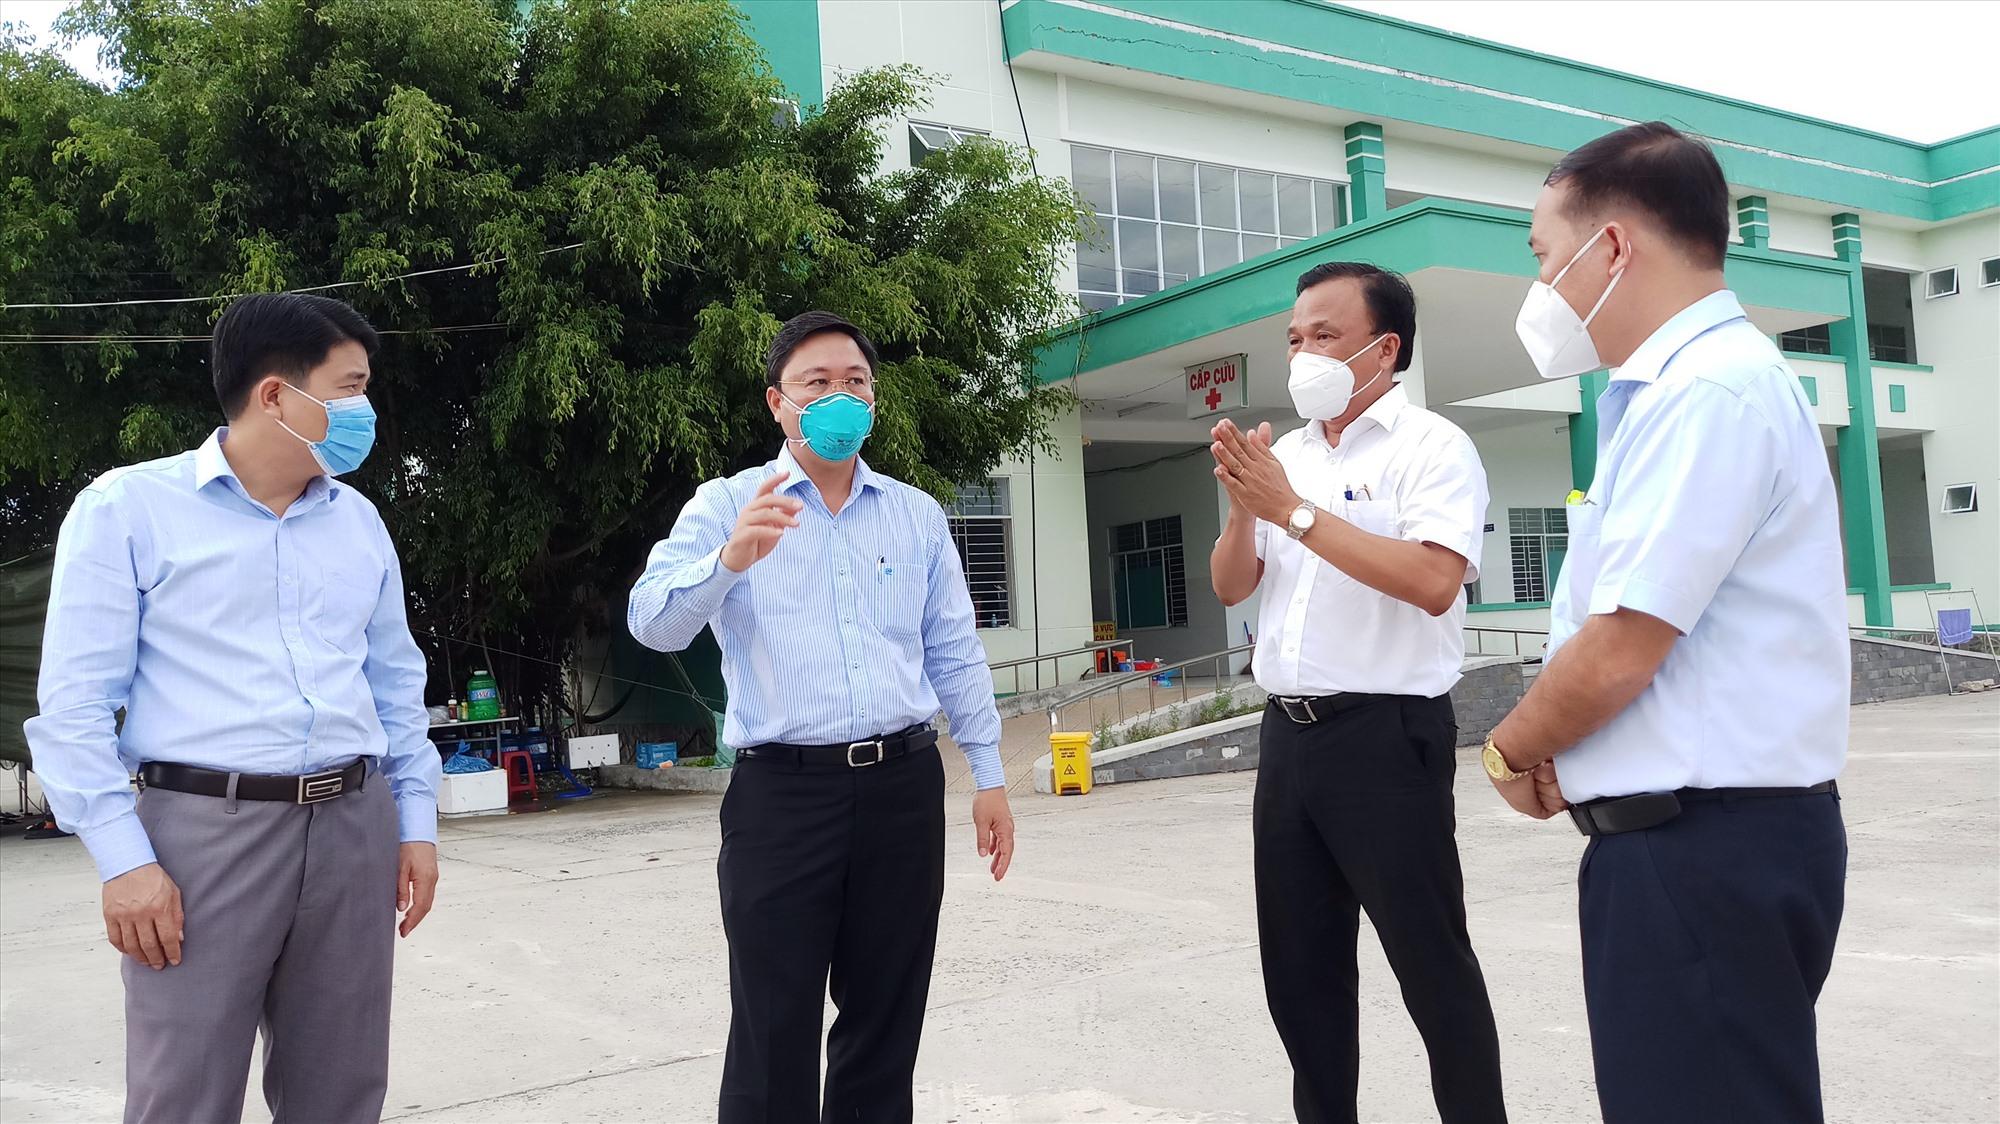 Chủ tịch UBND tỉnh Lê Trí Thanh (thứ 2 bên trái) kiểm tra công tác phòng chống dịch tại Phòng khám Đa khoa khu vực Điện Nam - Điện Ngọc. Ảnh: ALĂNG NGƯỚC